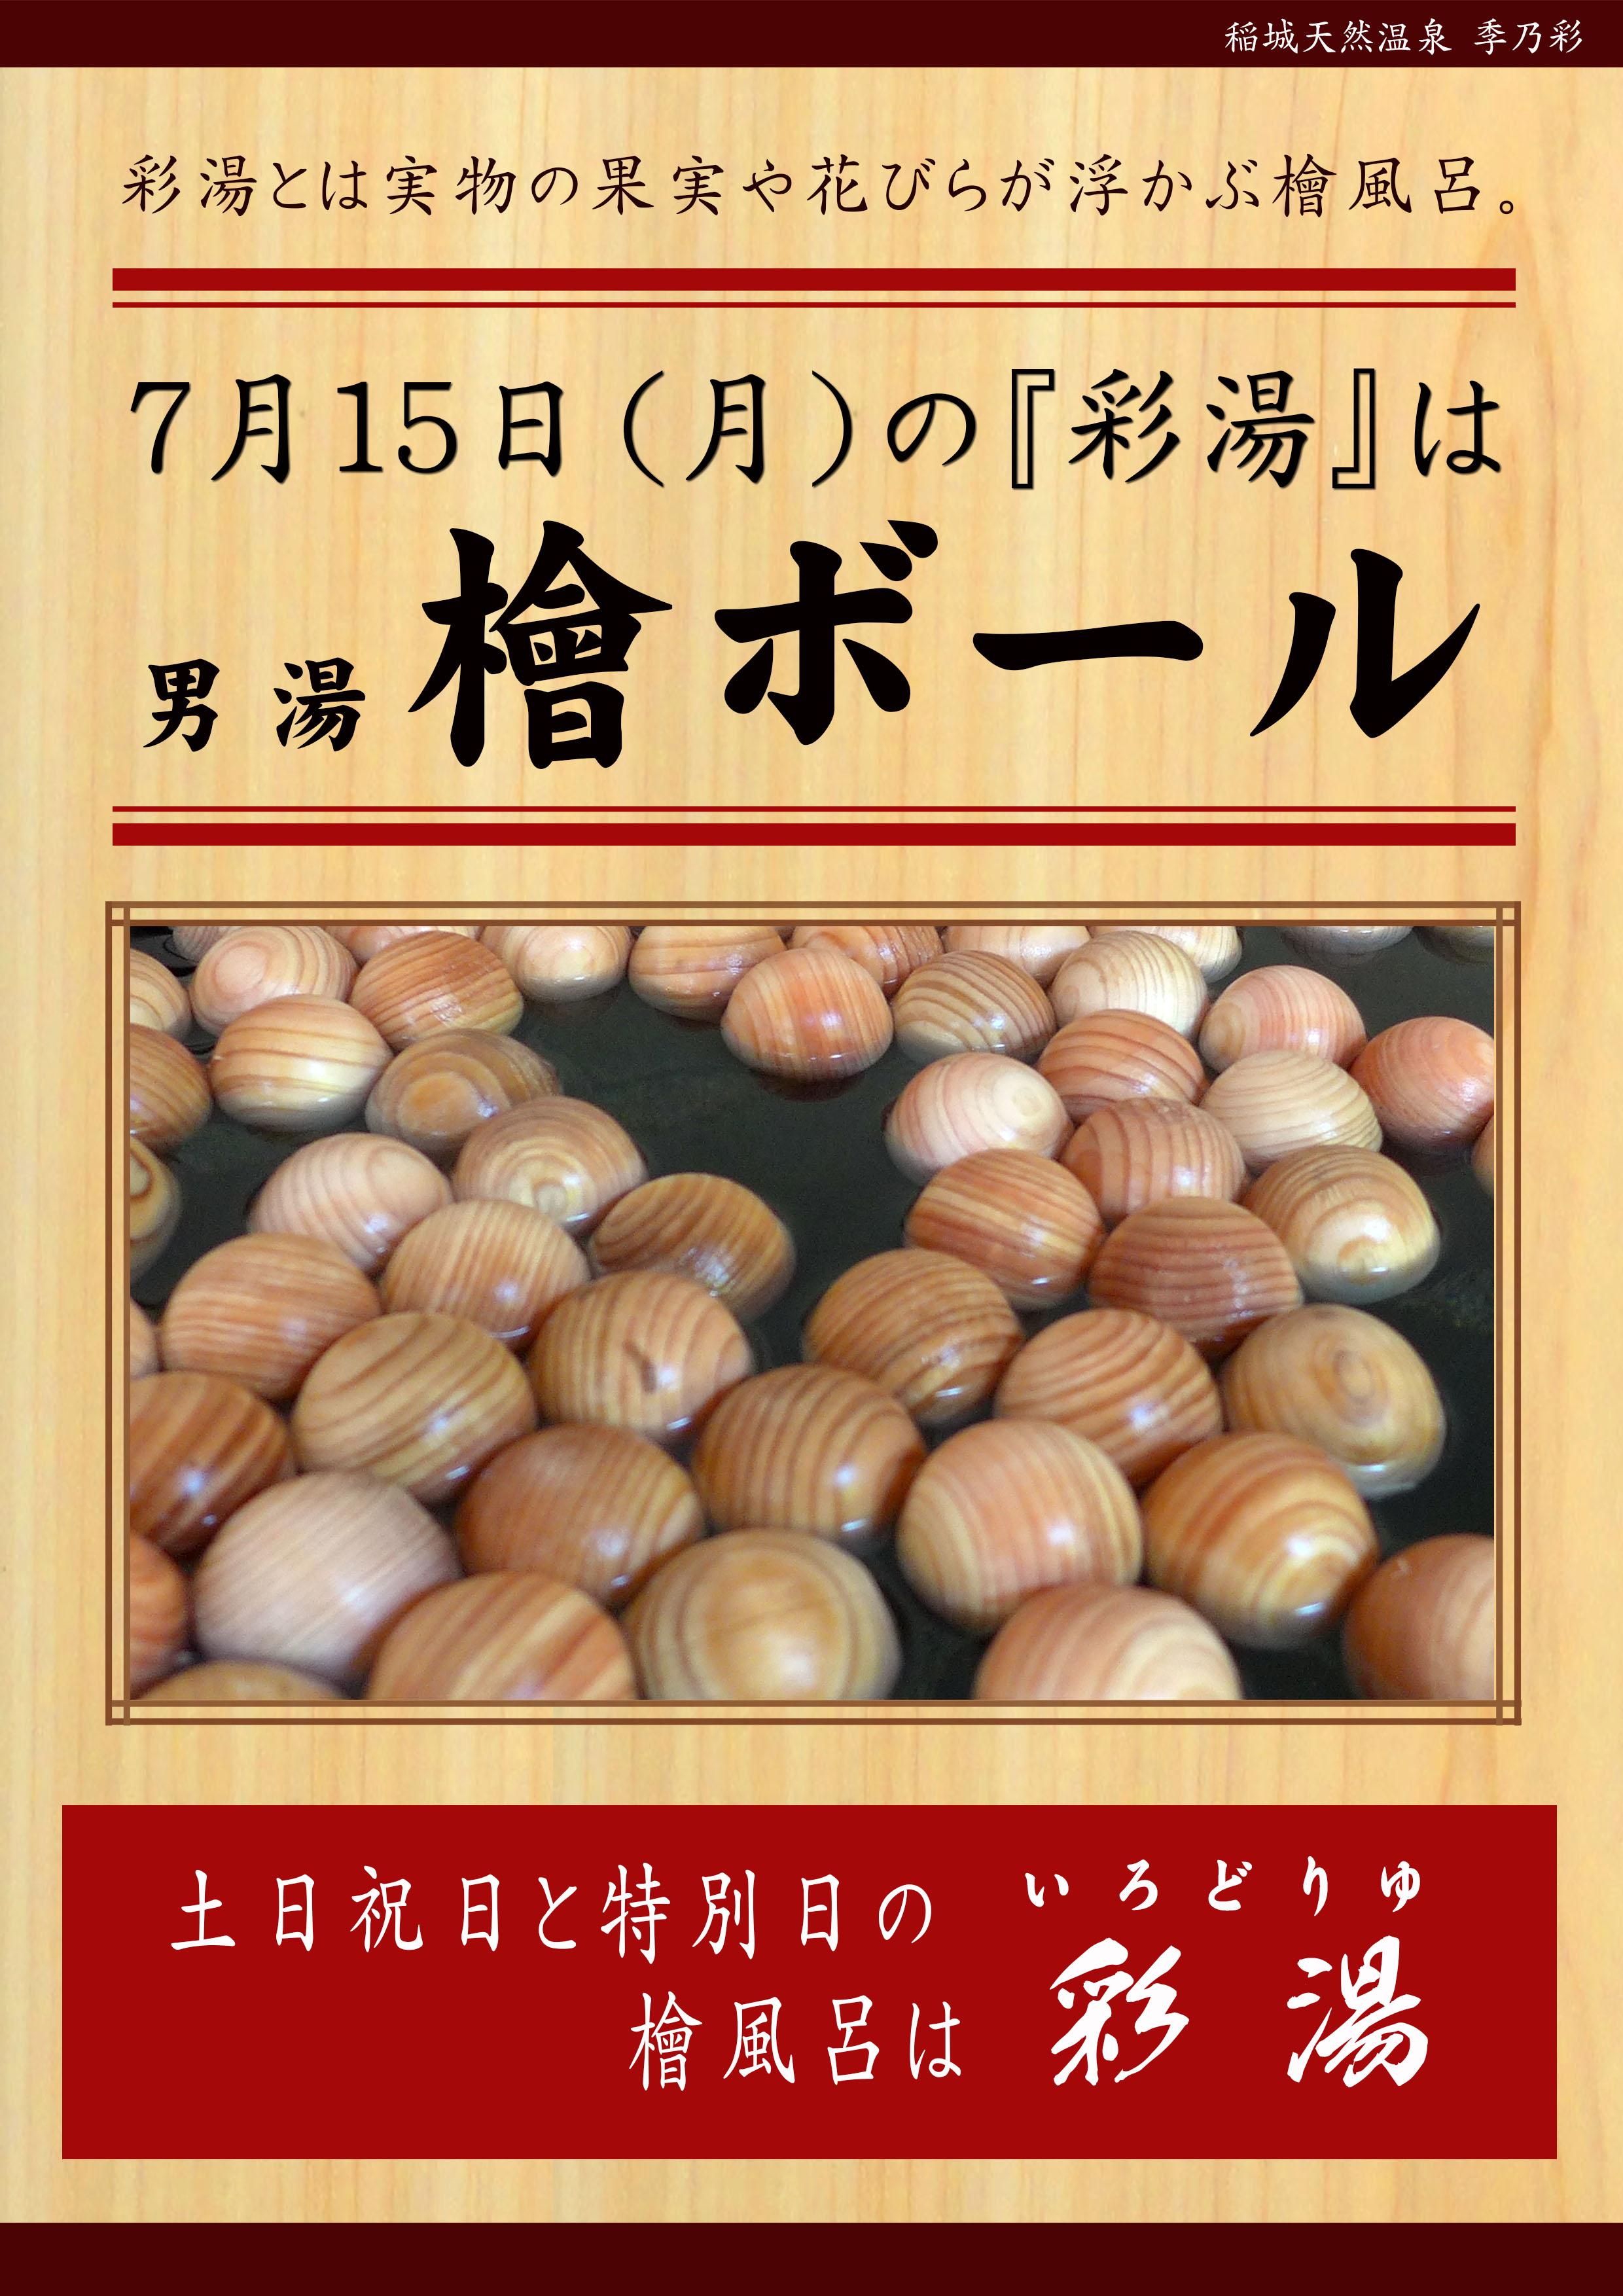 190715 彩湯 男湯 檜ボール